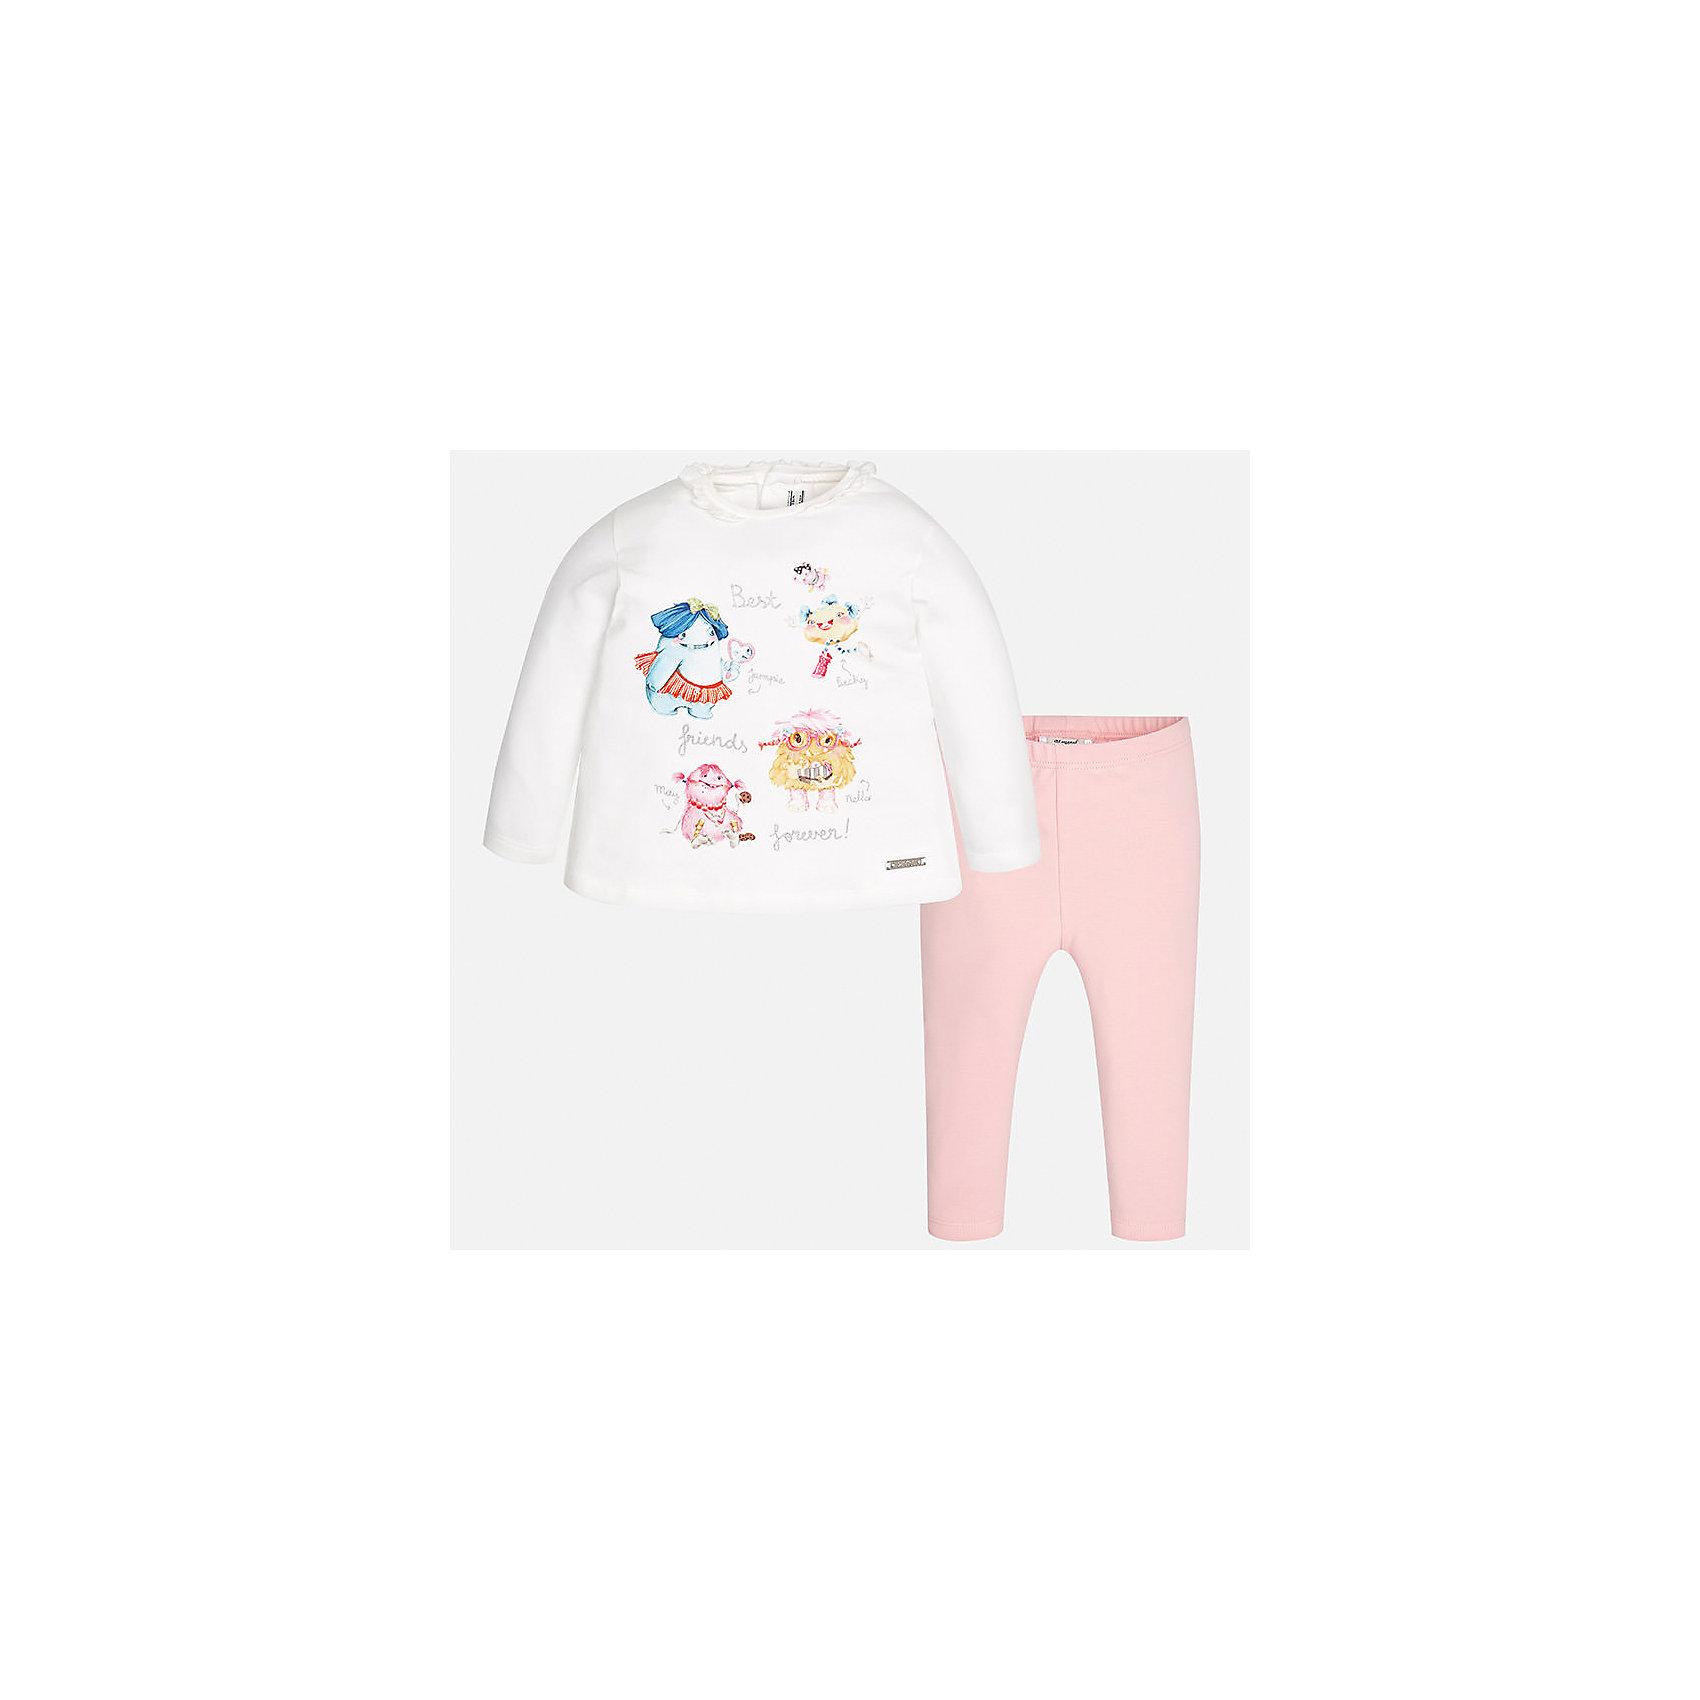 Комплект: футболка с длинным рукавом и леггинсы Mayoral для девочкиКомплекты<br>Характеристики товара:<br><br>• цвет: белый<br>• состав ткани: 92% хлопок, 8% эластан<br>• комплект: лонгслив и леггинсы<br>• сезон: демисезон<br>• особенности: принт с блестками<br>• пояс: резинка<br>• длинные рукава<br>• застежка: кнопки<br>• страна бренда: Испания<br>• страна изготовитель: Индия<br><br>Симпатичный детский комплект из лонгслива и леггинсов для девочки сделан из приятного на ощупь материала. Благодаря продуманному крою детского лонгслива создаются комфортные условия для тела. Леггинсы для девочки - однотонные.<br><br>Комплект: лонгслив и леггинсы для девочки Mayoral (Майорал) можно купить в нашем интернет-магазине.<br><br>Ширина мм: 123<br>Глубина мм: 10<br>Высота мм: 149<br>Вес г: 209<br>Цвет: светло-розовый<br>Возраст от месяцев: 6<br>Возраст до месяцев: 9<br>Пол: Женский<br>Возраст: Детский<br>Размер: 74,98,92,86,80<br>SKU: 6920577